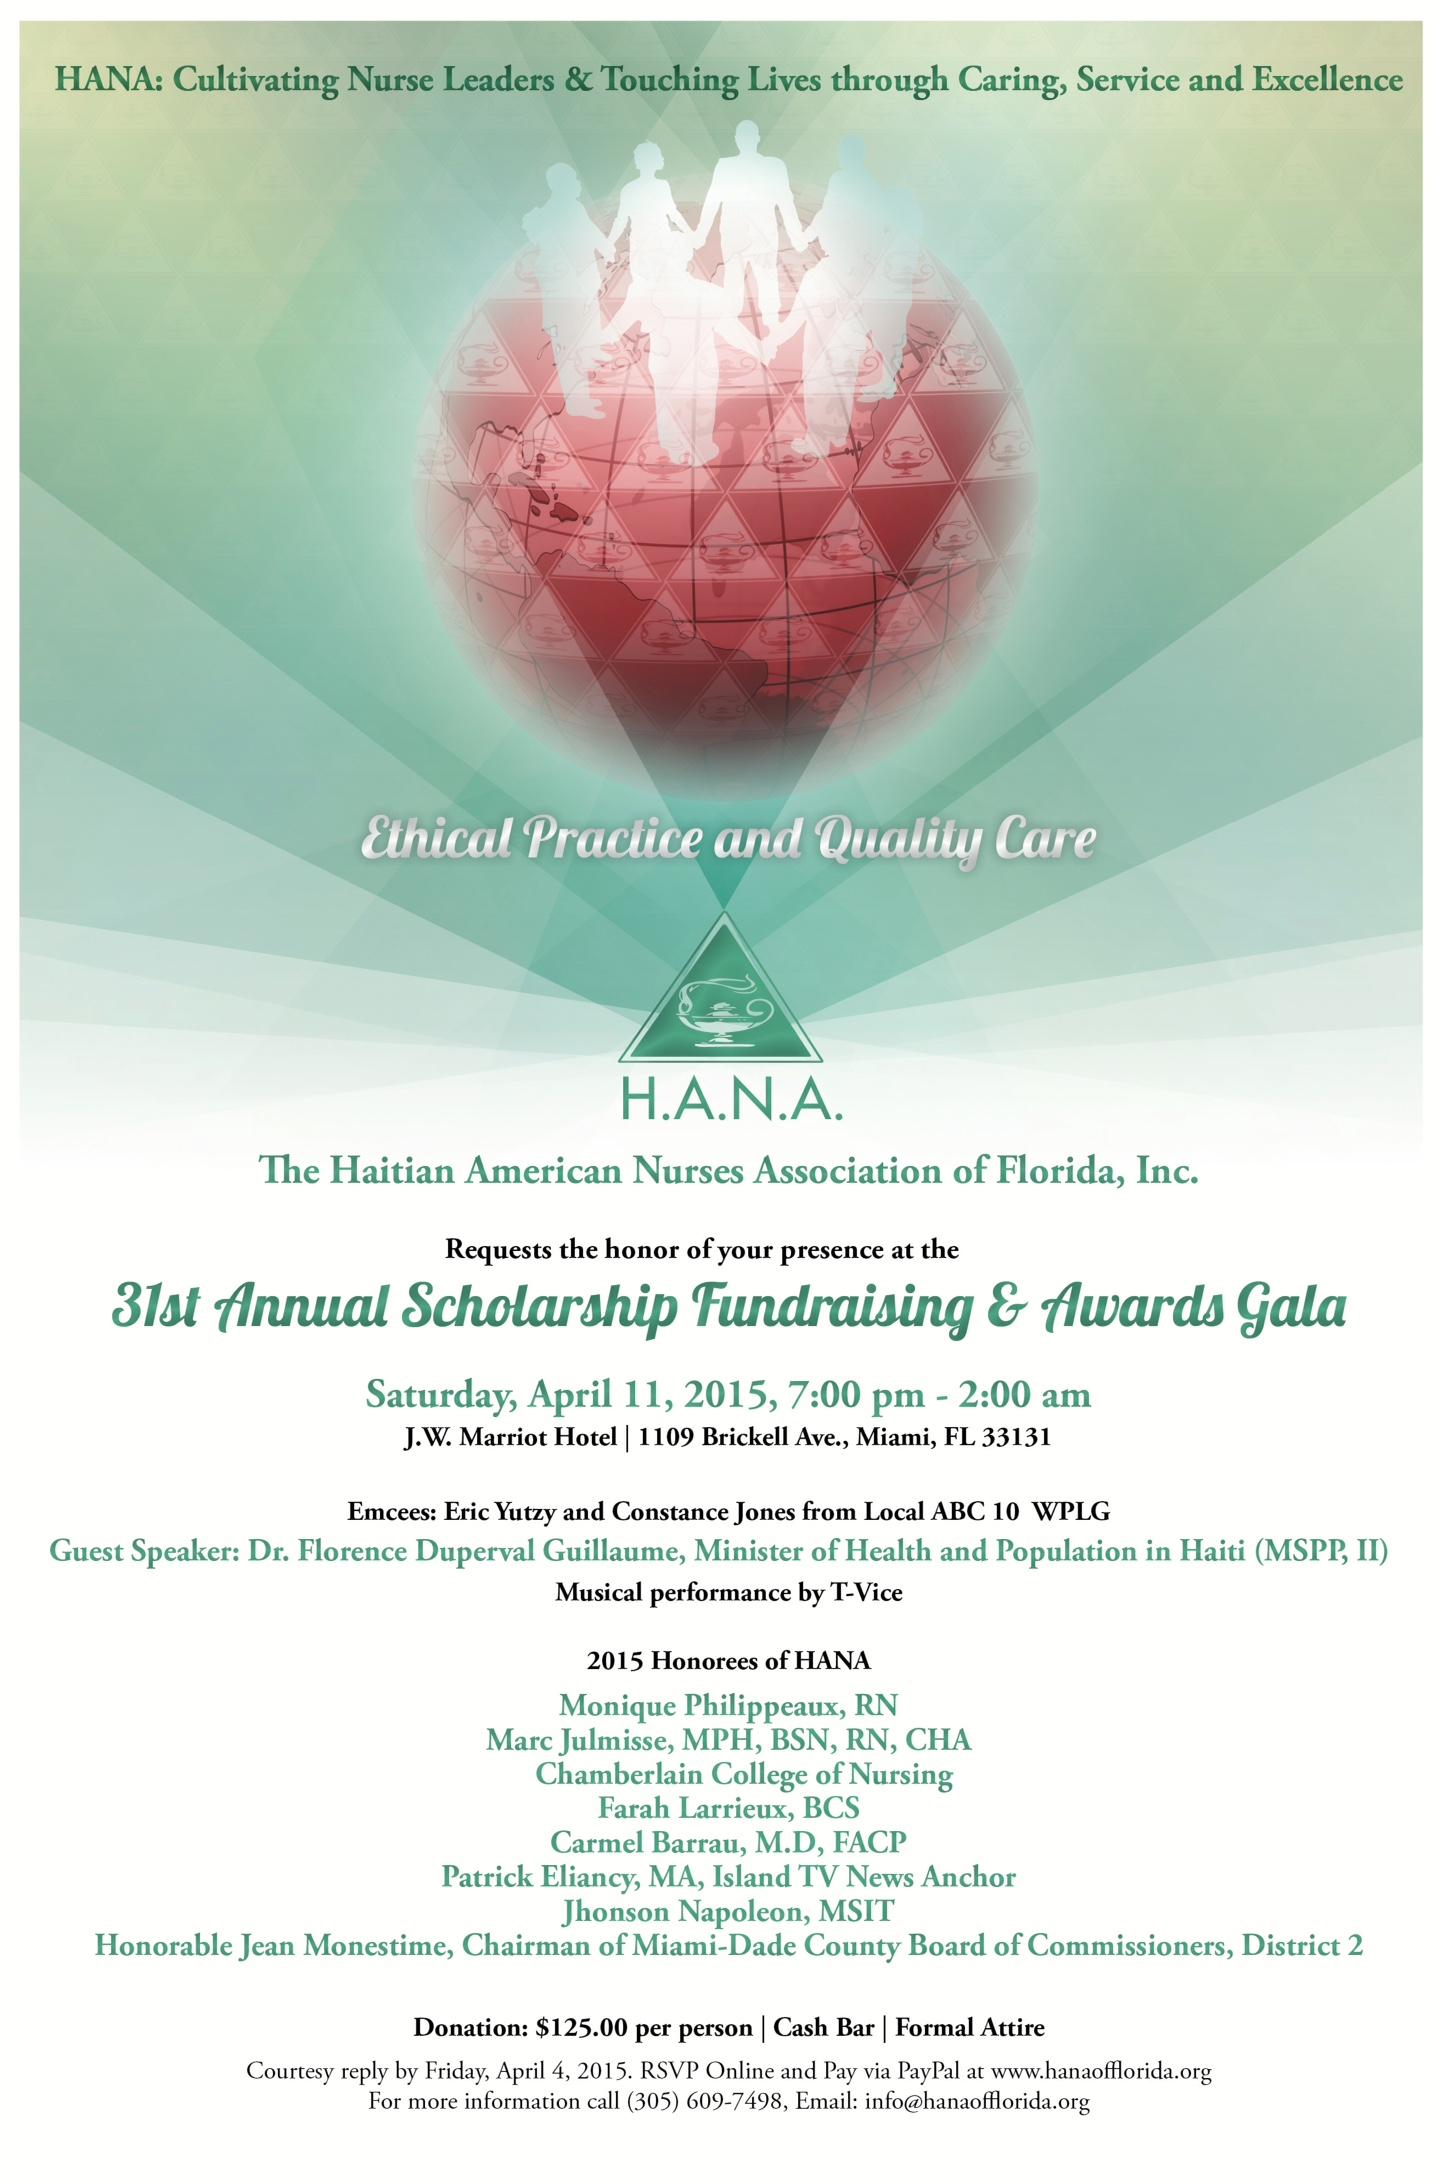 HANA invitation 2015